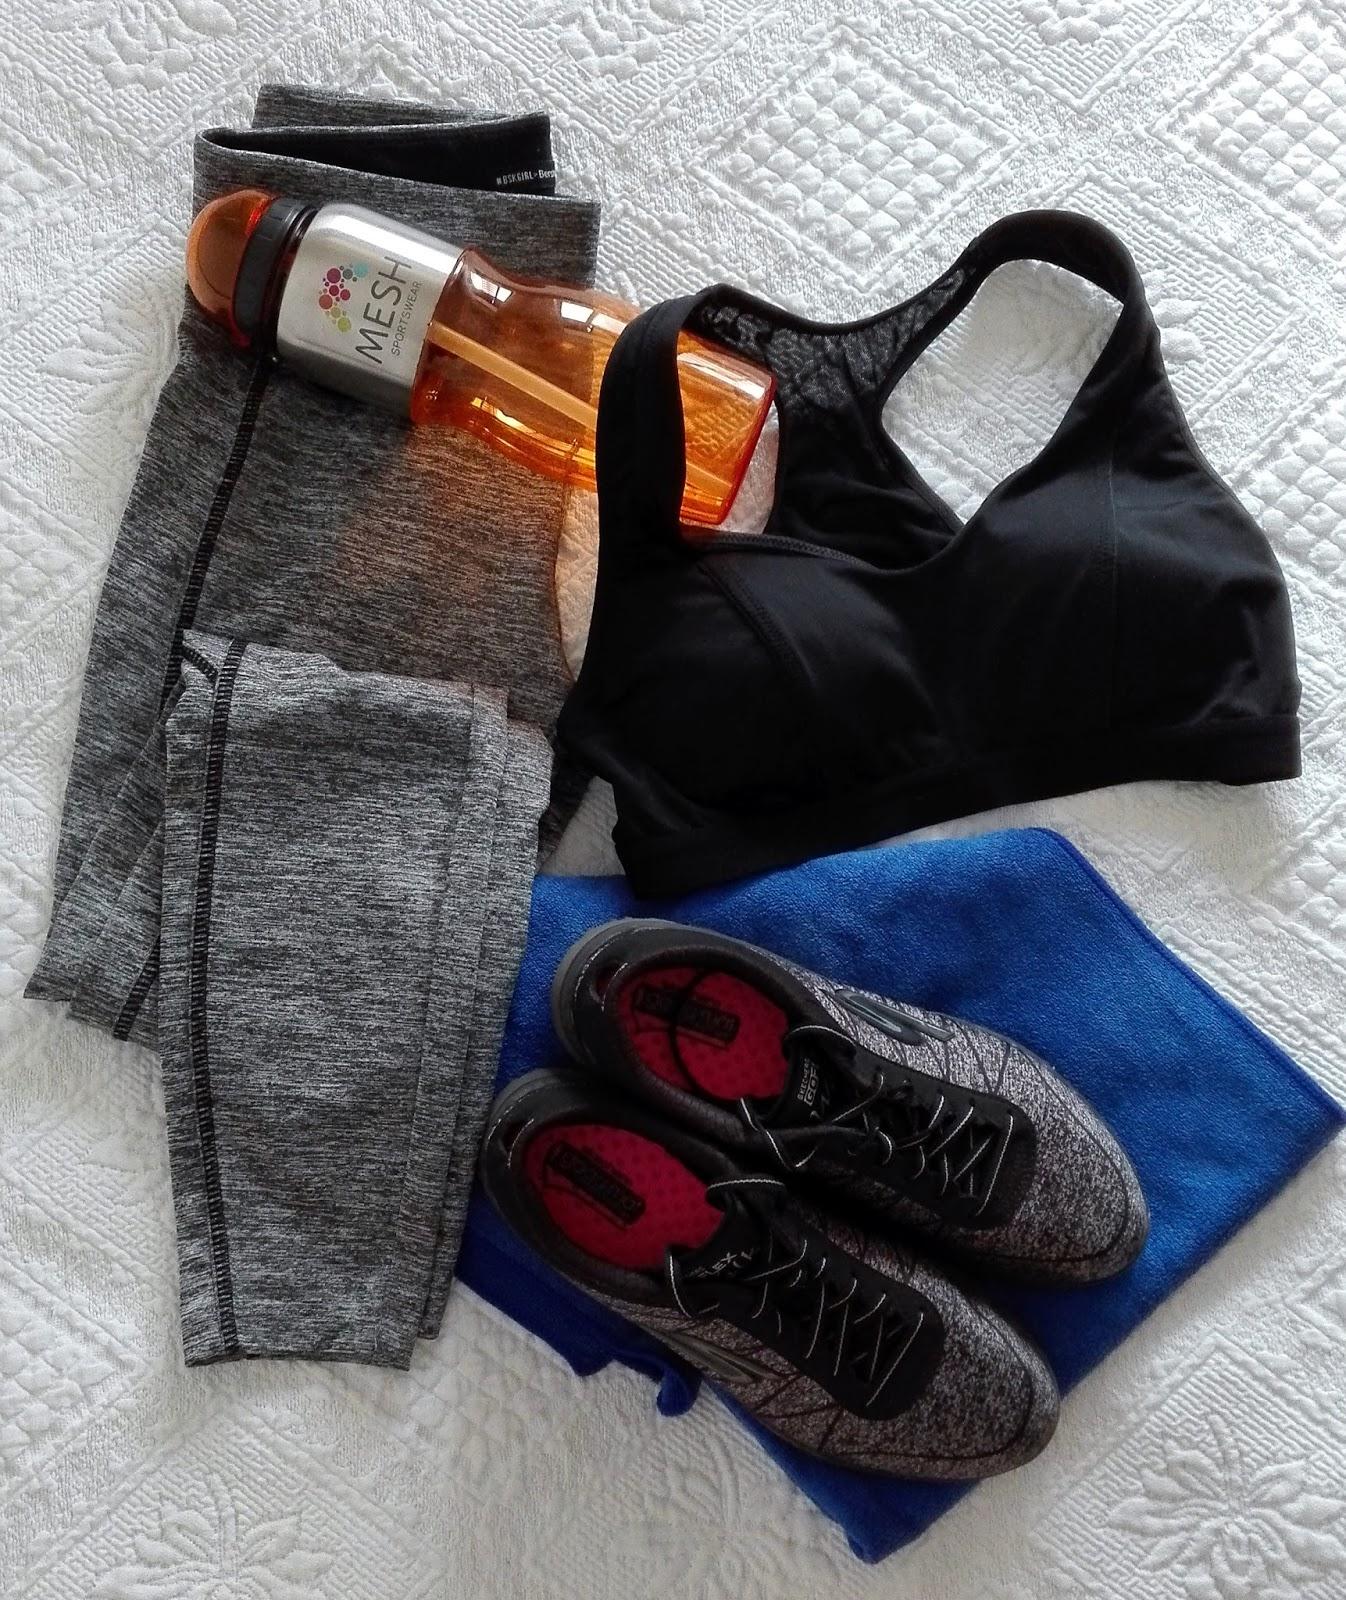 fit; treino; sportswear; drink water, proteins